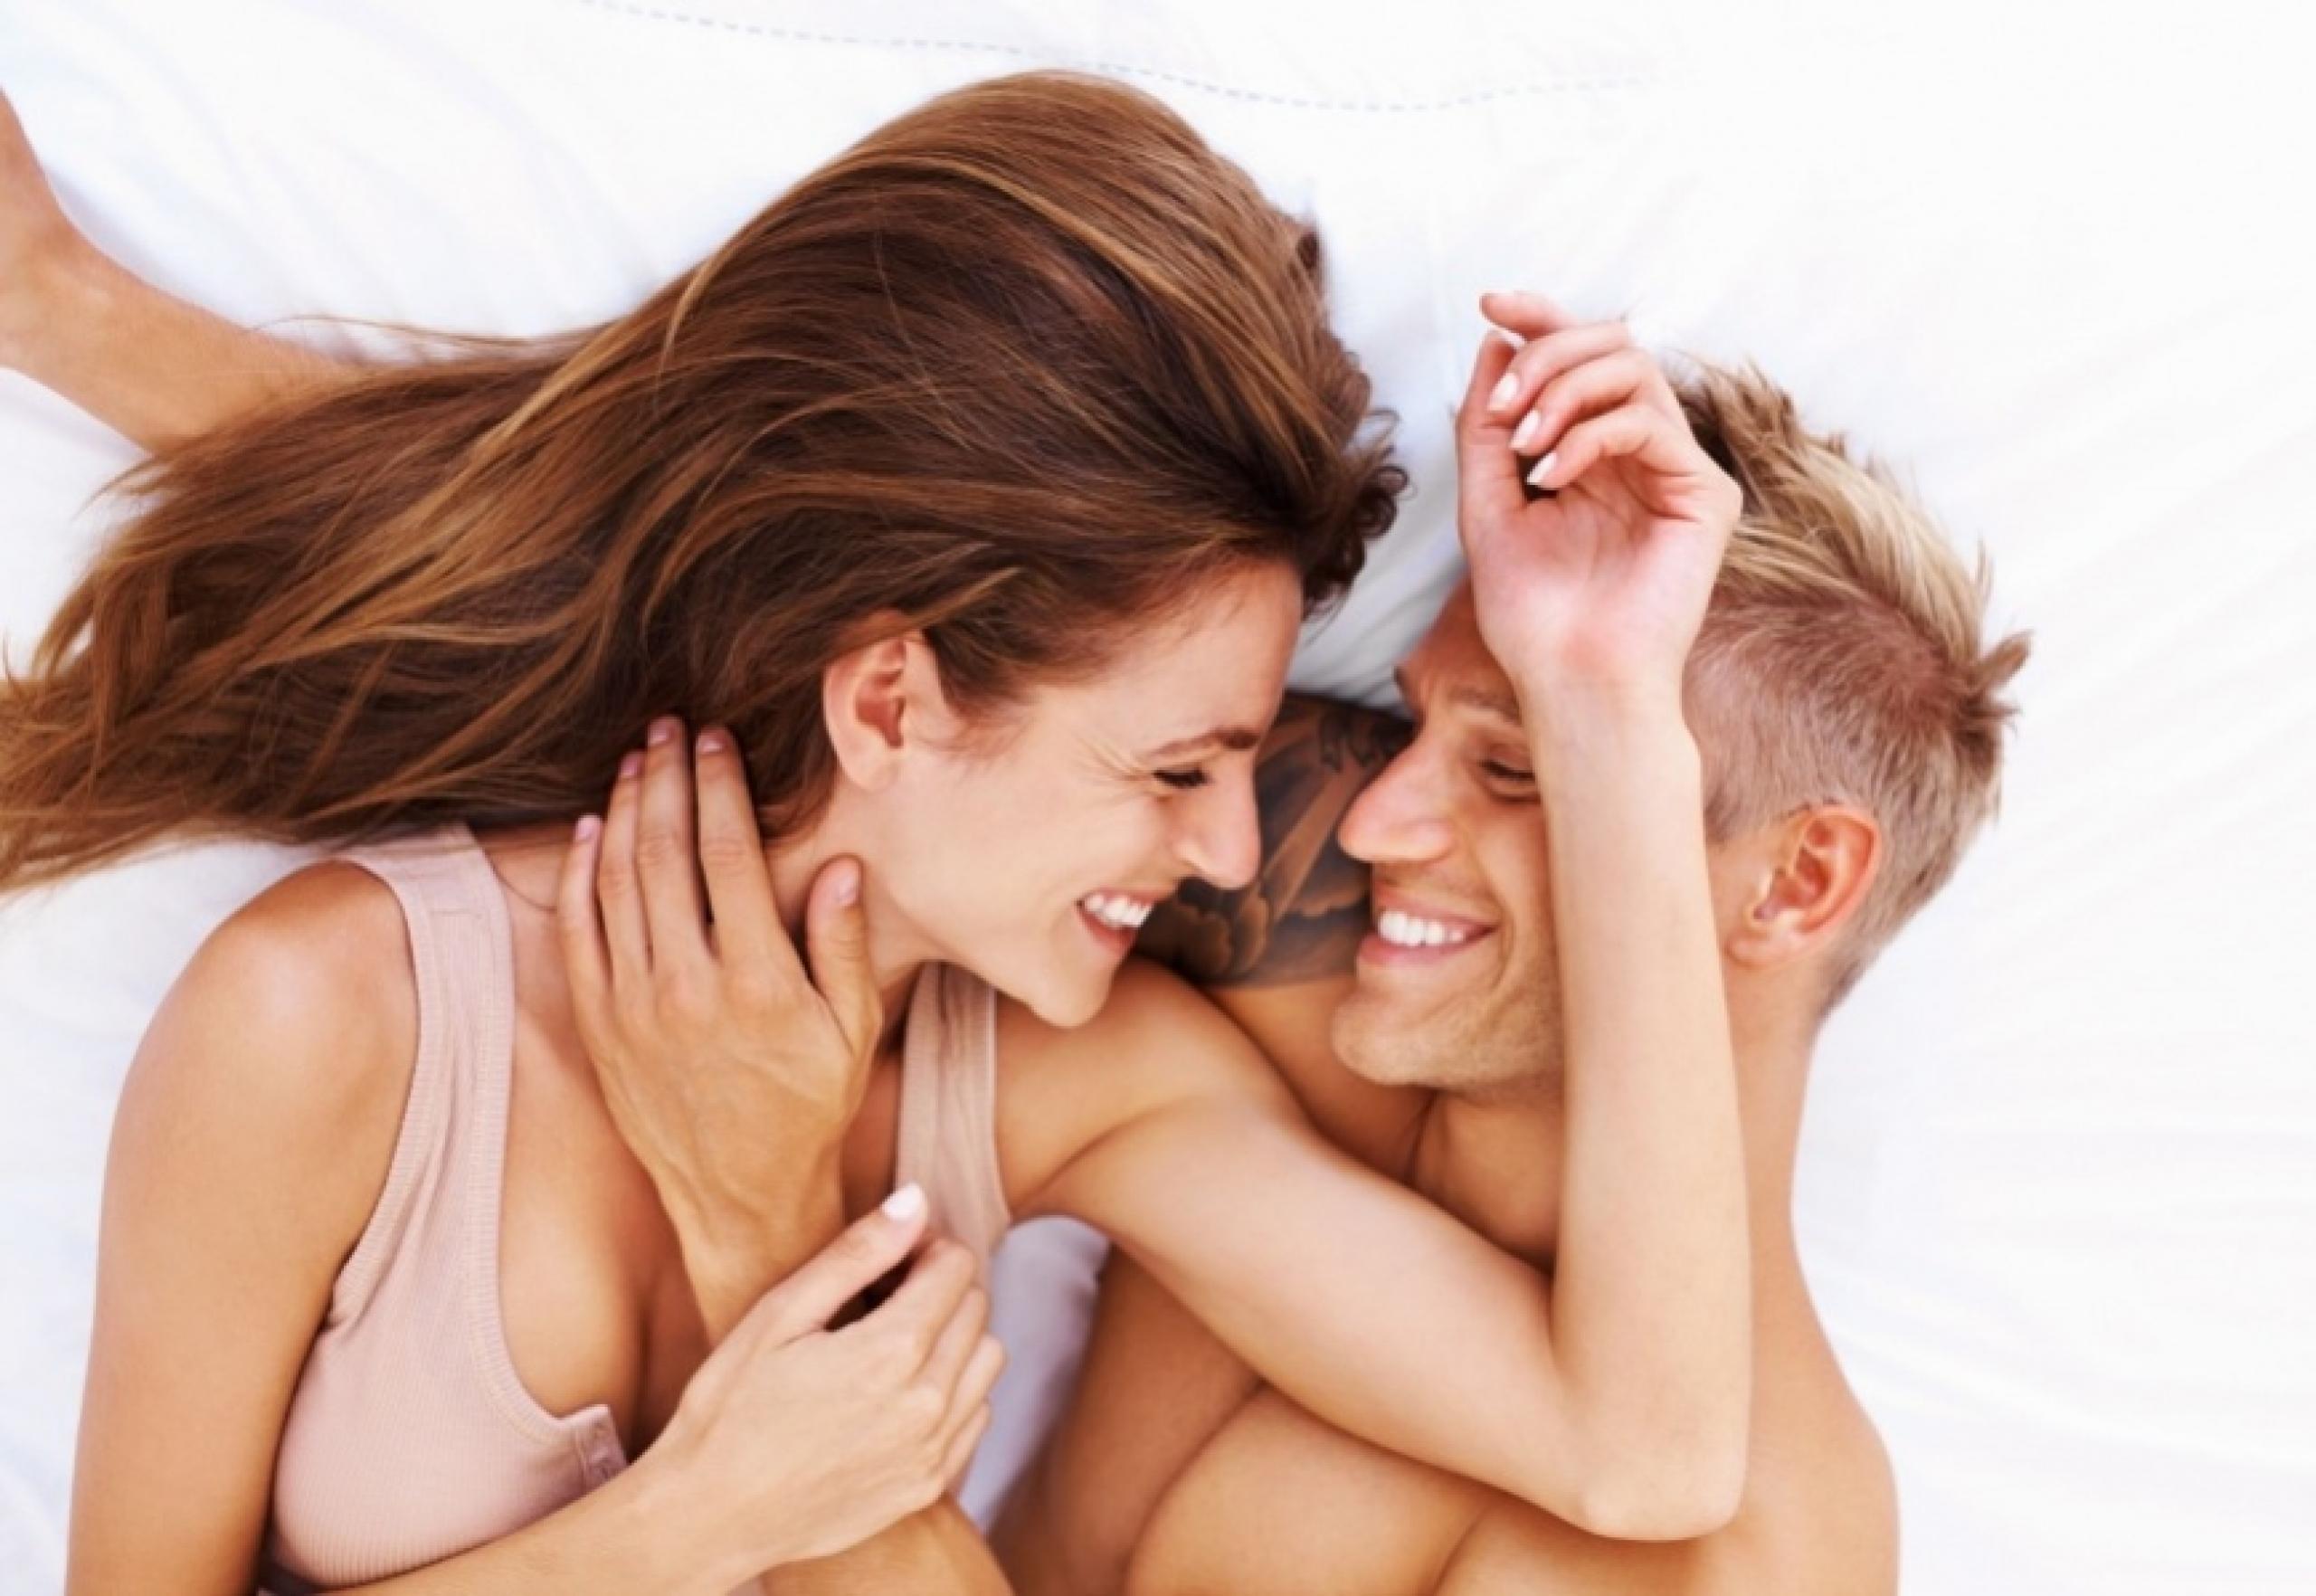 Супружеский секс плюсы